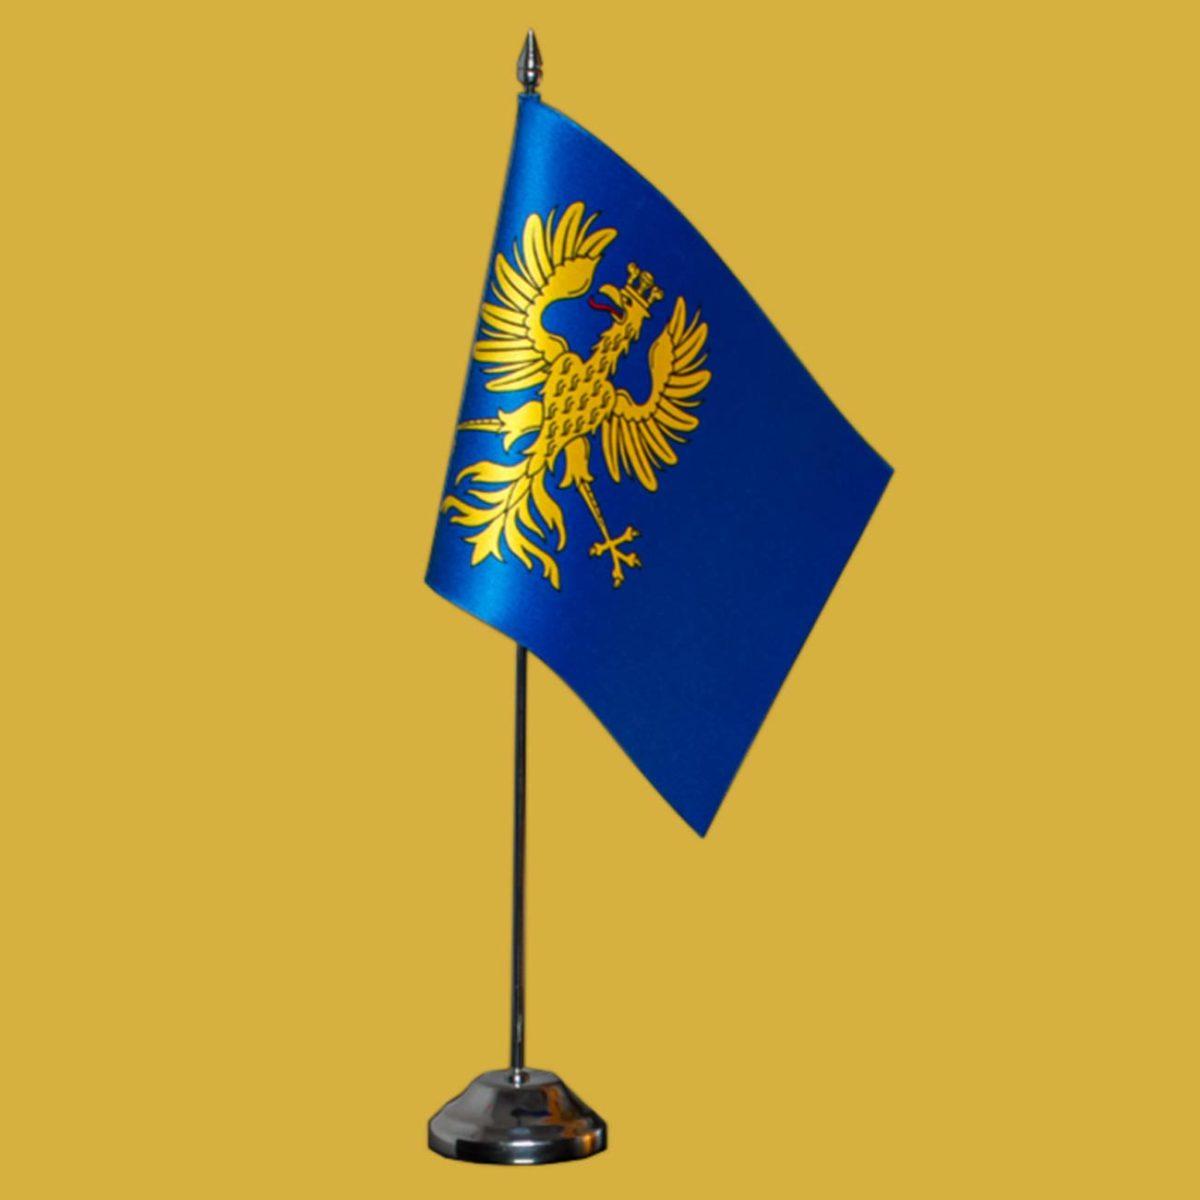 Biurkowa satynowa flaga Księstwa Cieszyńskiego